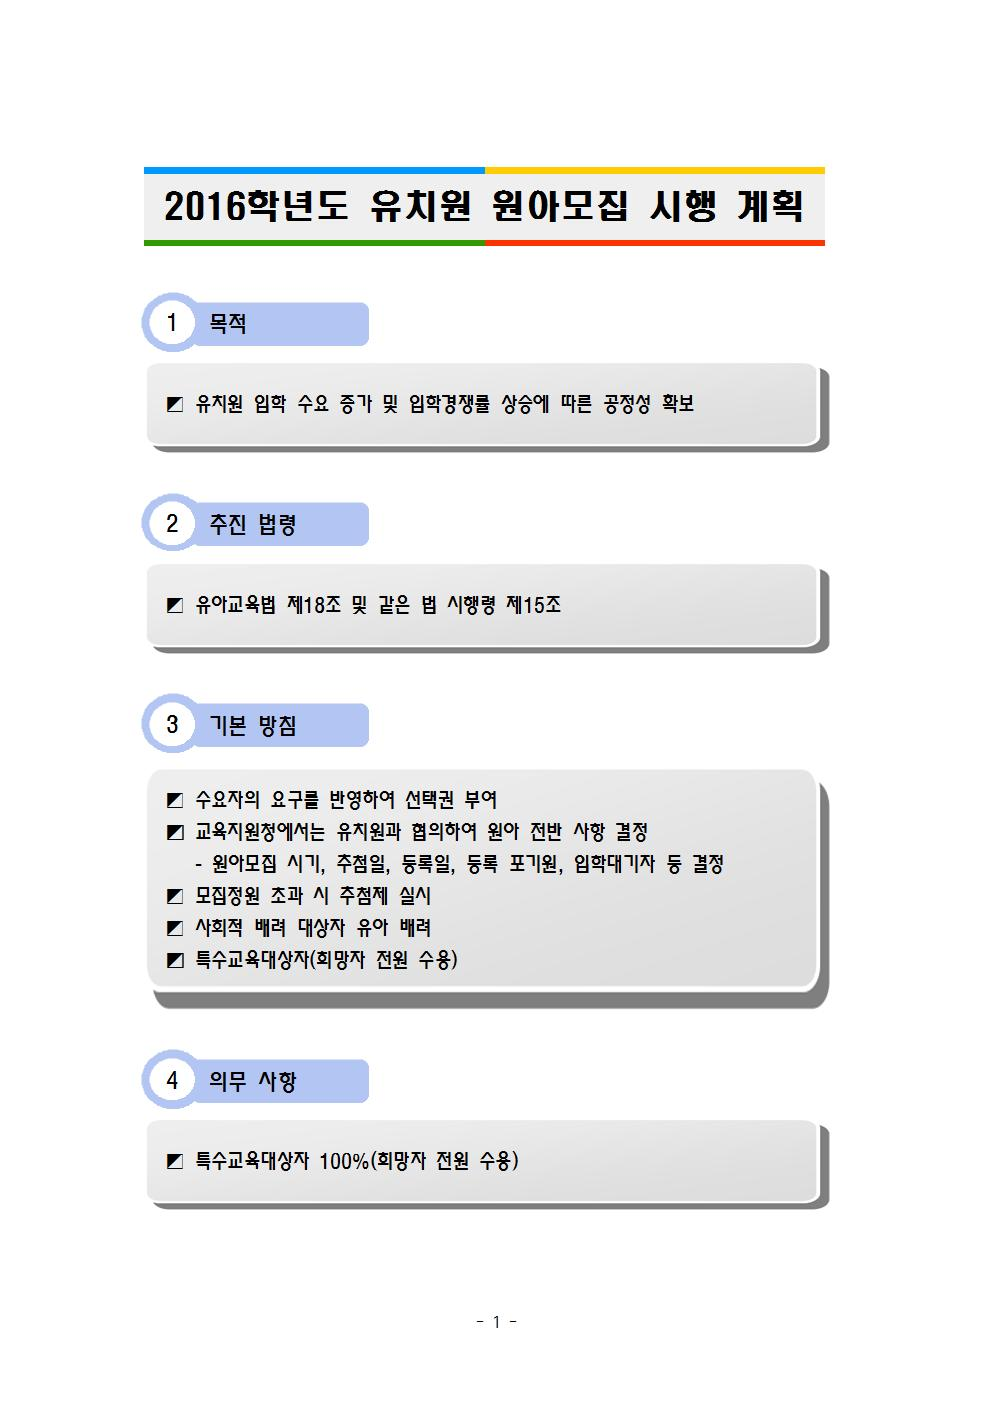 2016년 원아모집 시행 계획001.jpg